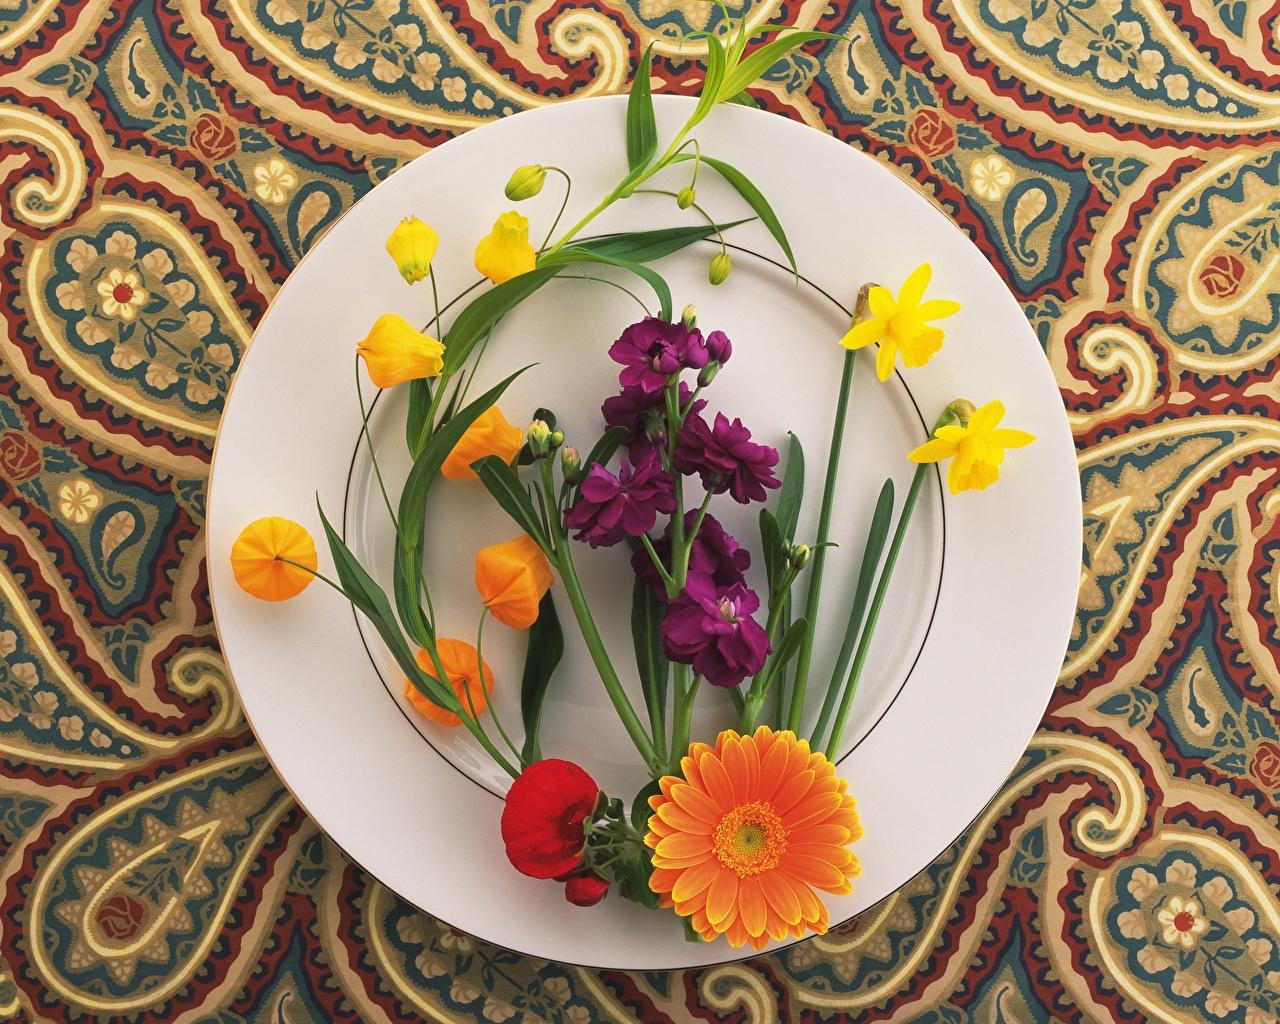 праздник сегодня 25 апреля